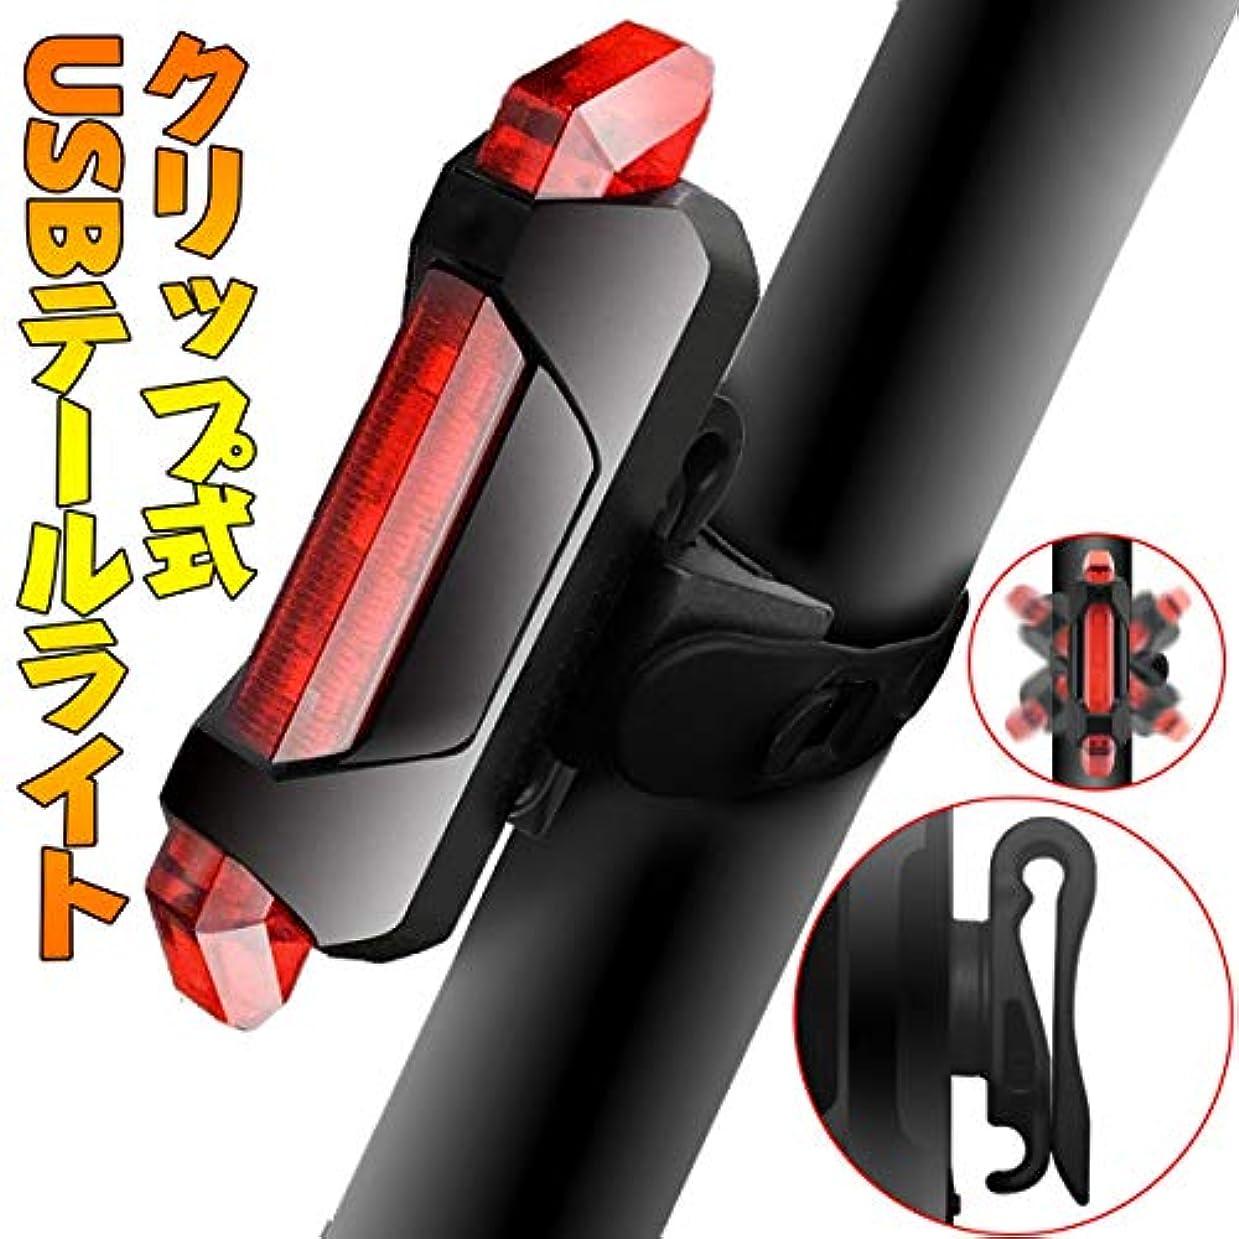 マウンドスポーツの試合を担当している人アニメーションziyue テールライト アップグレード版093-2 セーフティライト USB充電式 サドルバッグに取付可能 防水 高輝度 夜間走行 ジョギング